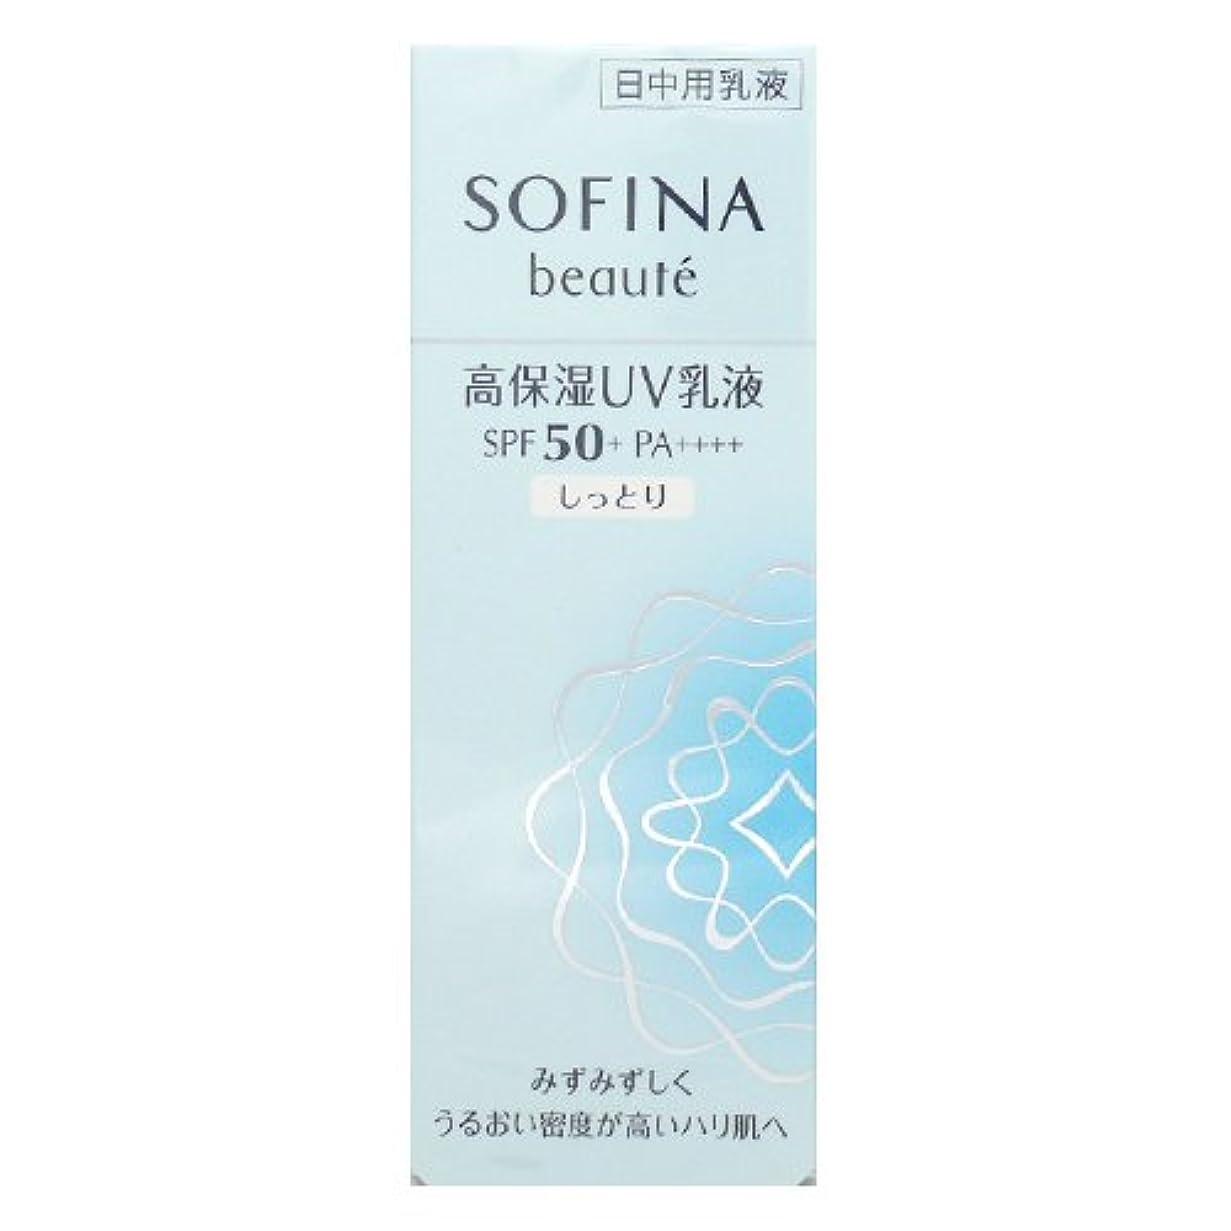 限り国籍墓地花王 ソフィーナ ボーテ 高保湿UV乳液 SPF50+ PA++++ しっとり 30g